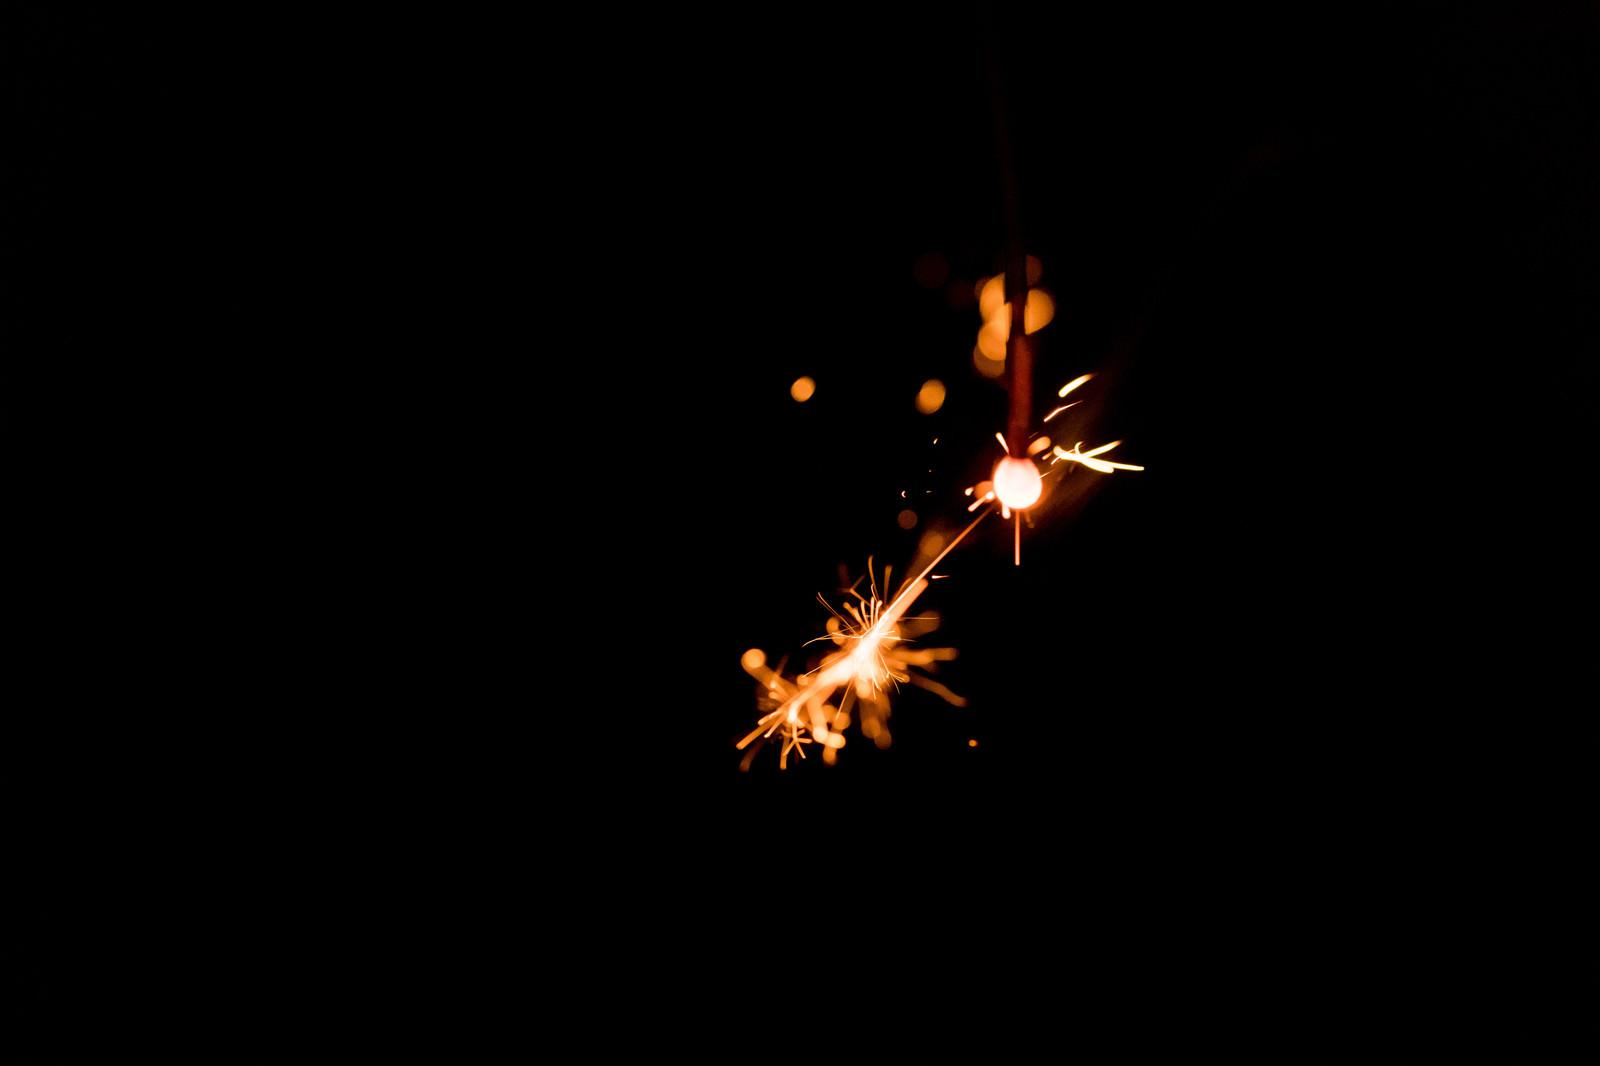 「飛び散る火花(線香花火)飛び散る火花(線香花火)」のフリー写真素材を拡大